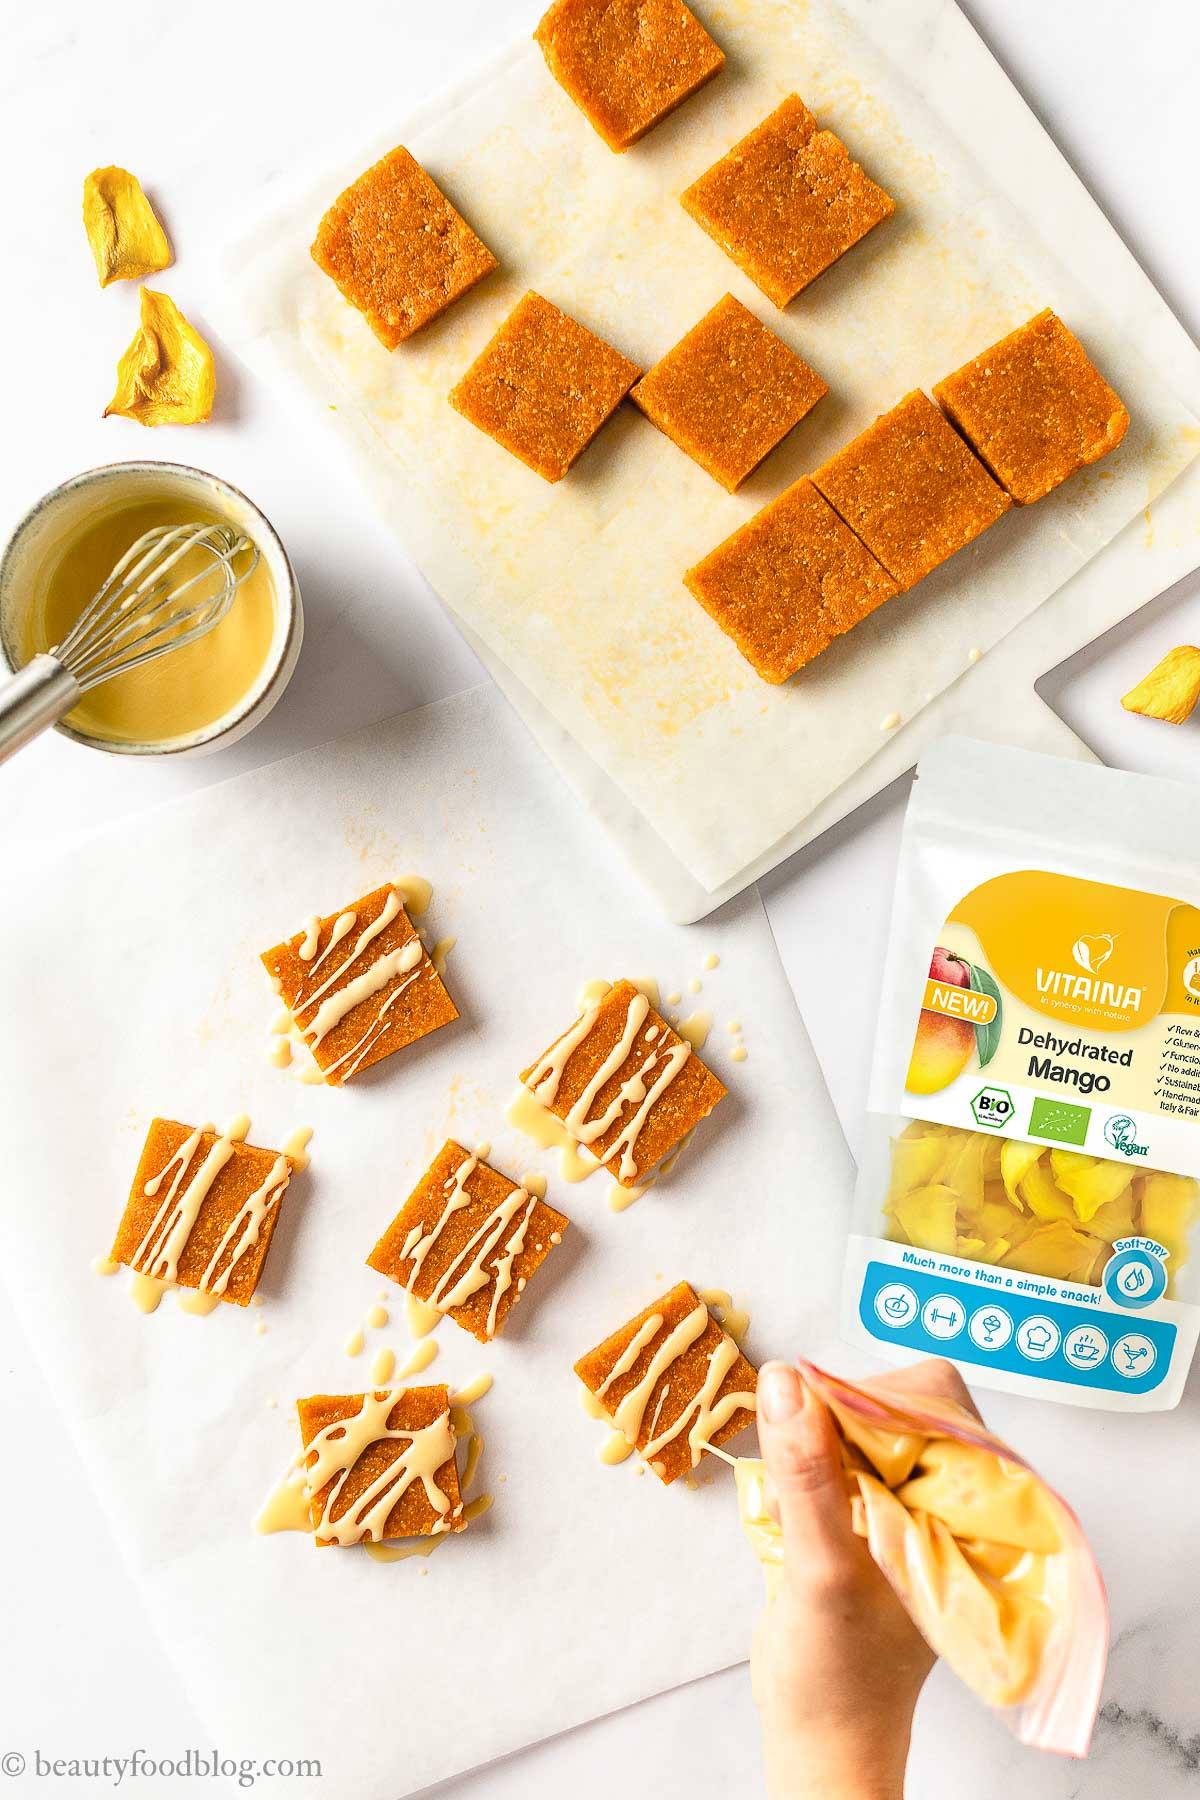 come fare barrette energetiche alle albicocche e mandorle senza zucchero con Mango Vitaina energy bars sugar-free